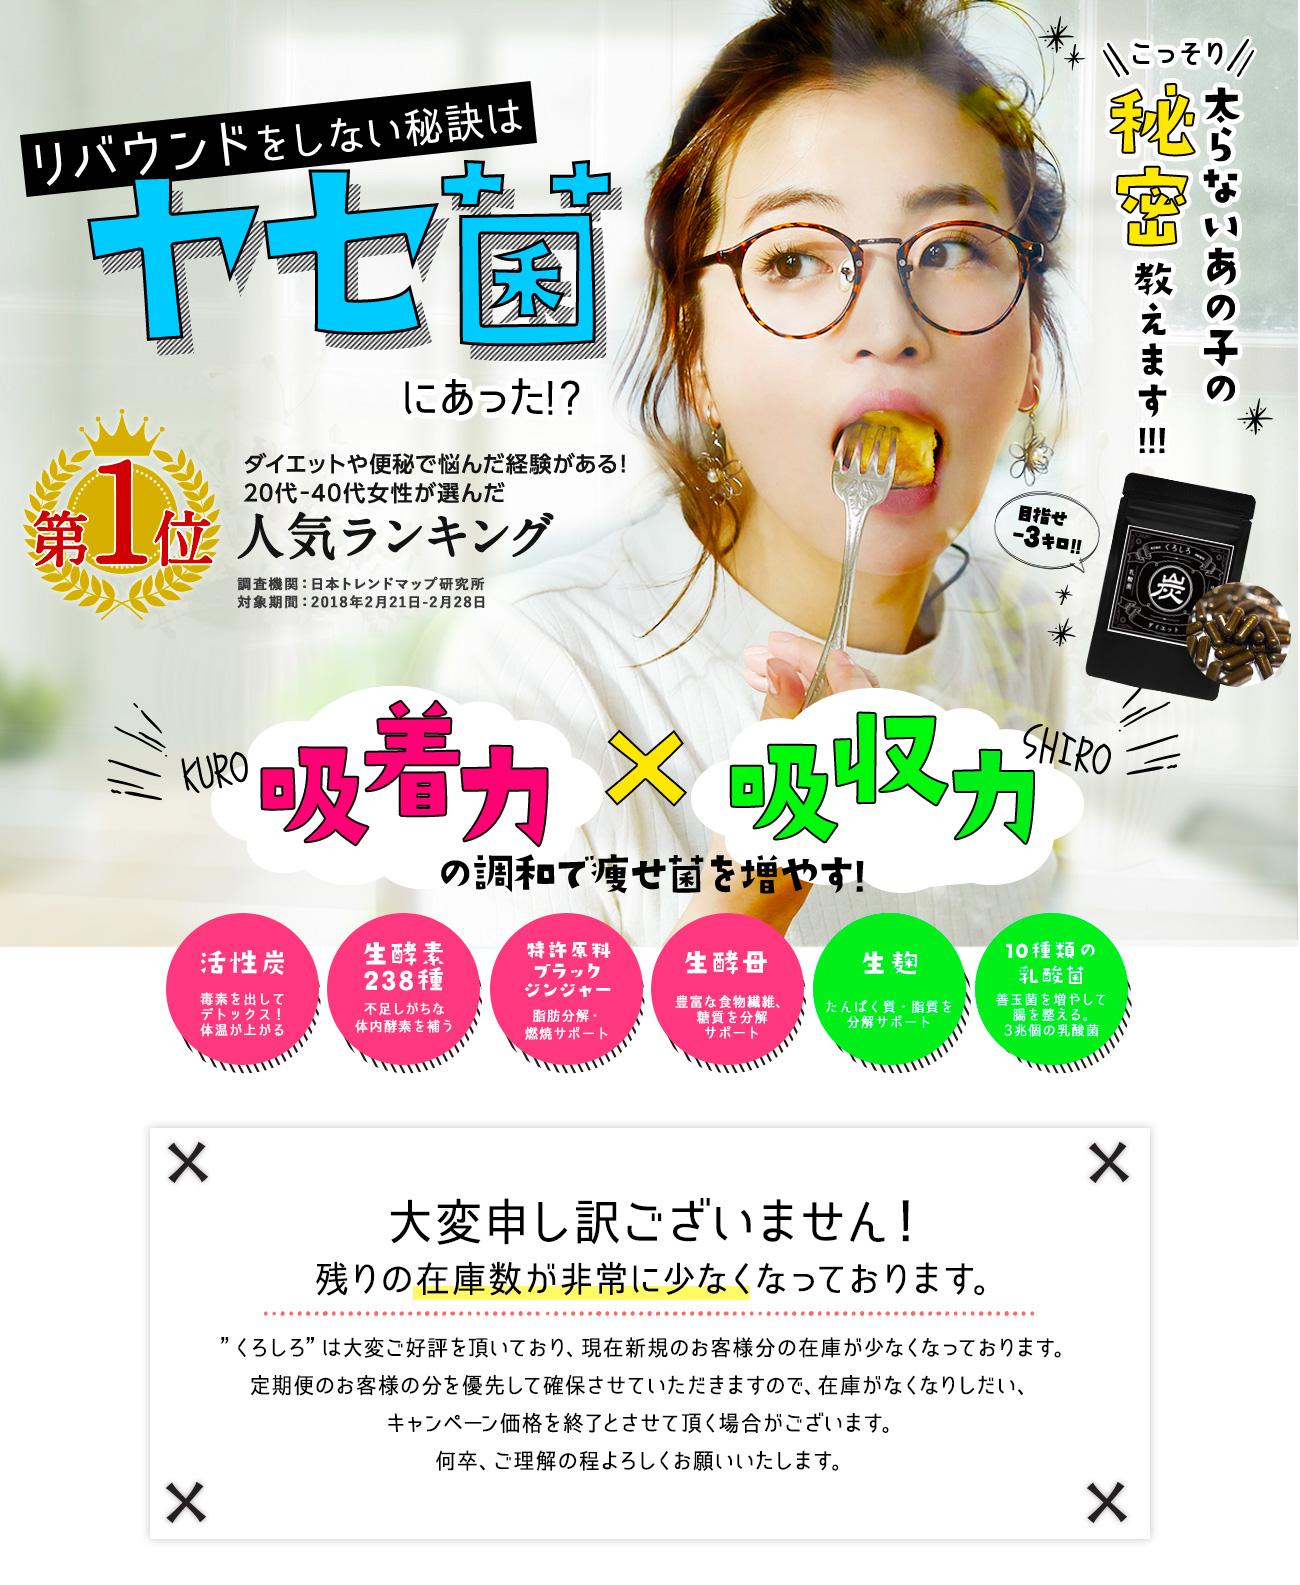 くろしろkurosiroダイエットサプリ